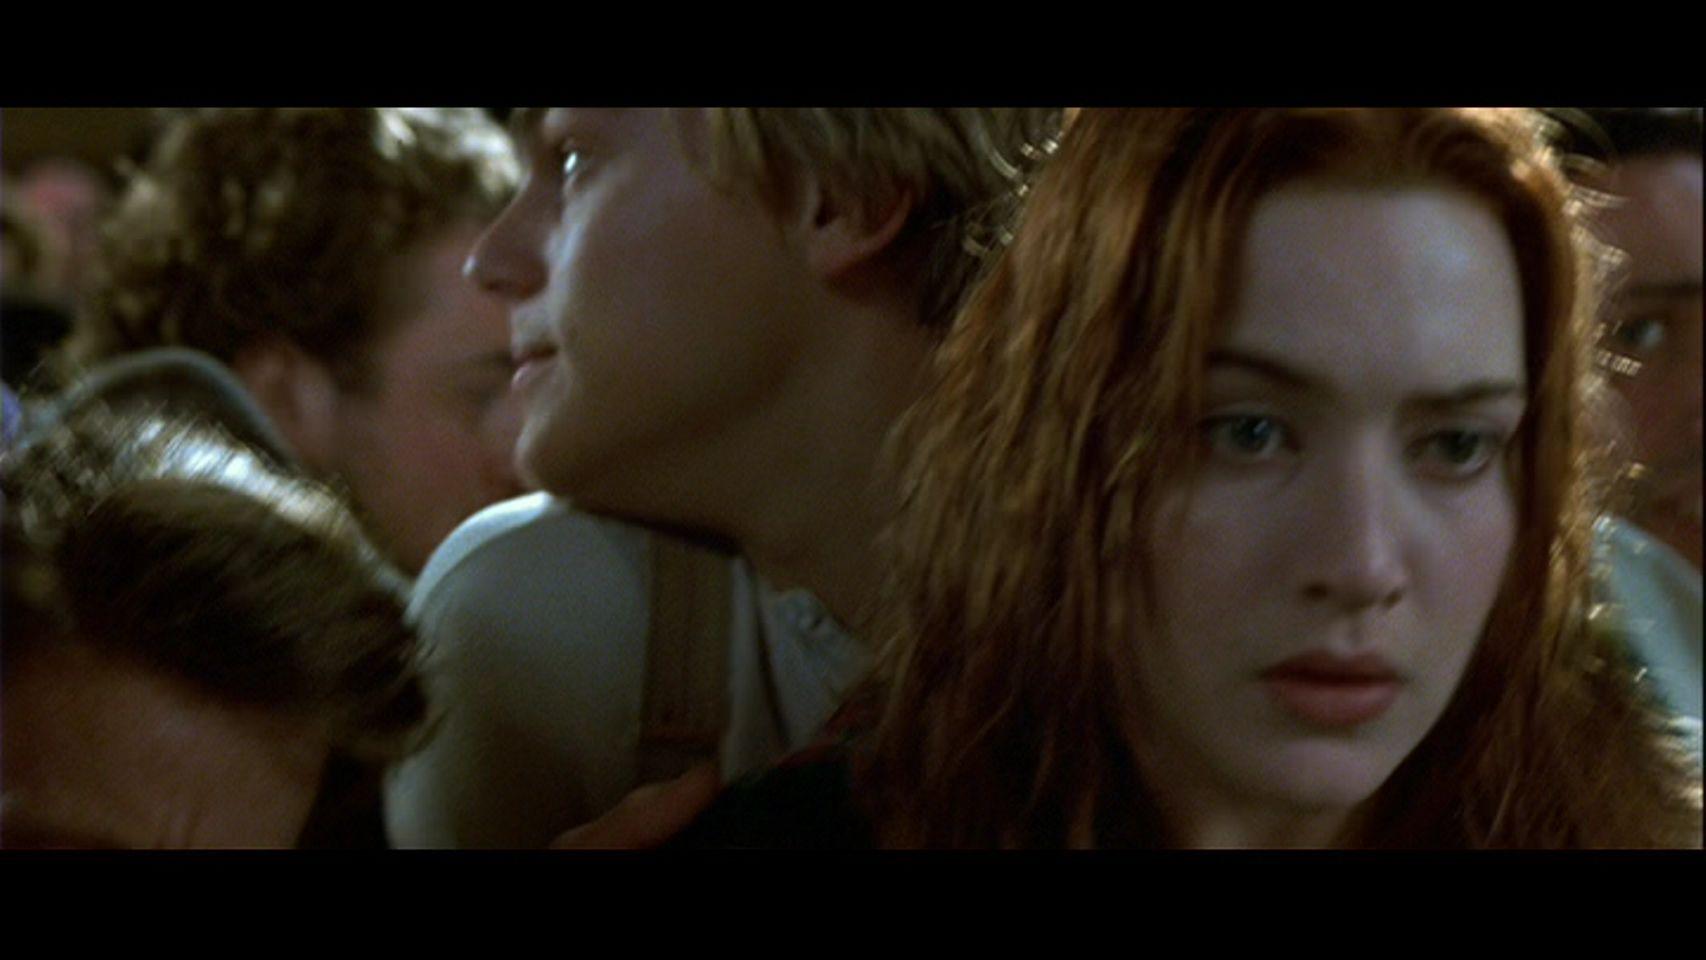 Titanic [1997] - Titanic Image (22287281) - Fanpop